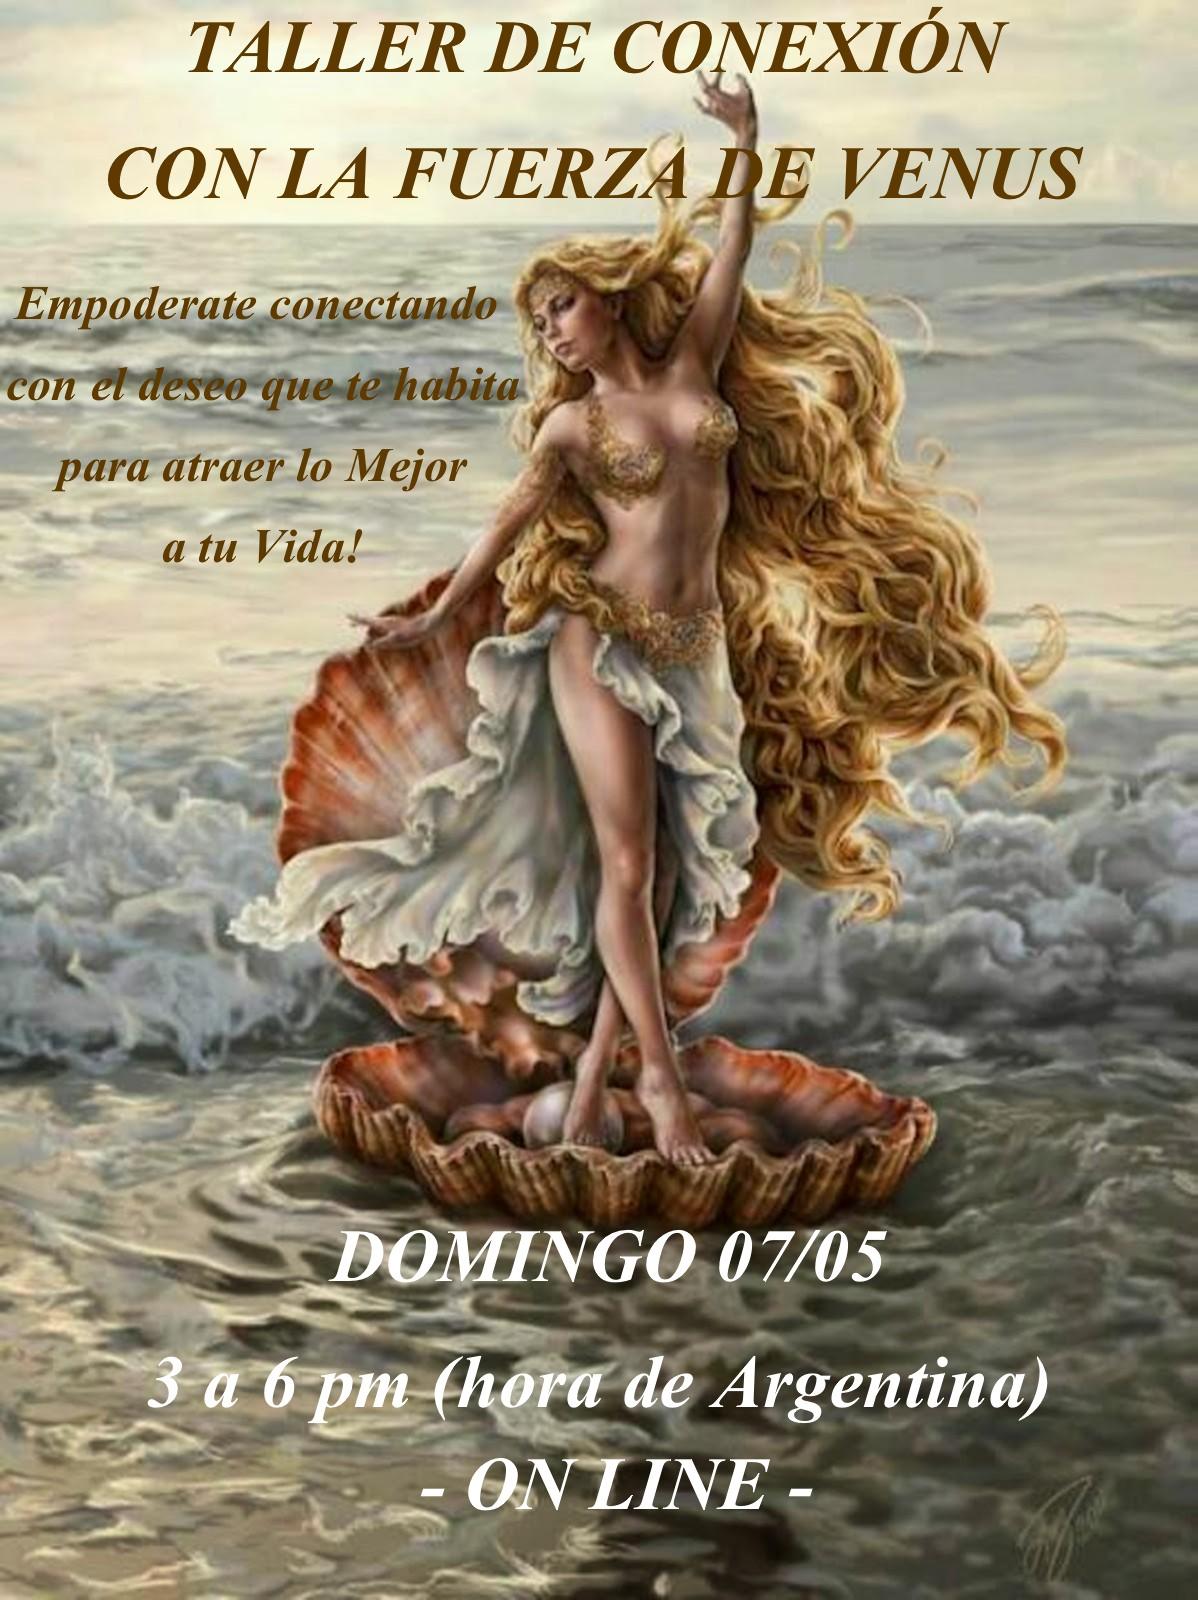 ♥ TALLER DE CONEXIÓN CON LA FUERZA DE VENUS ♥